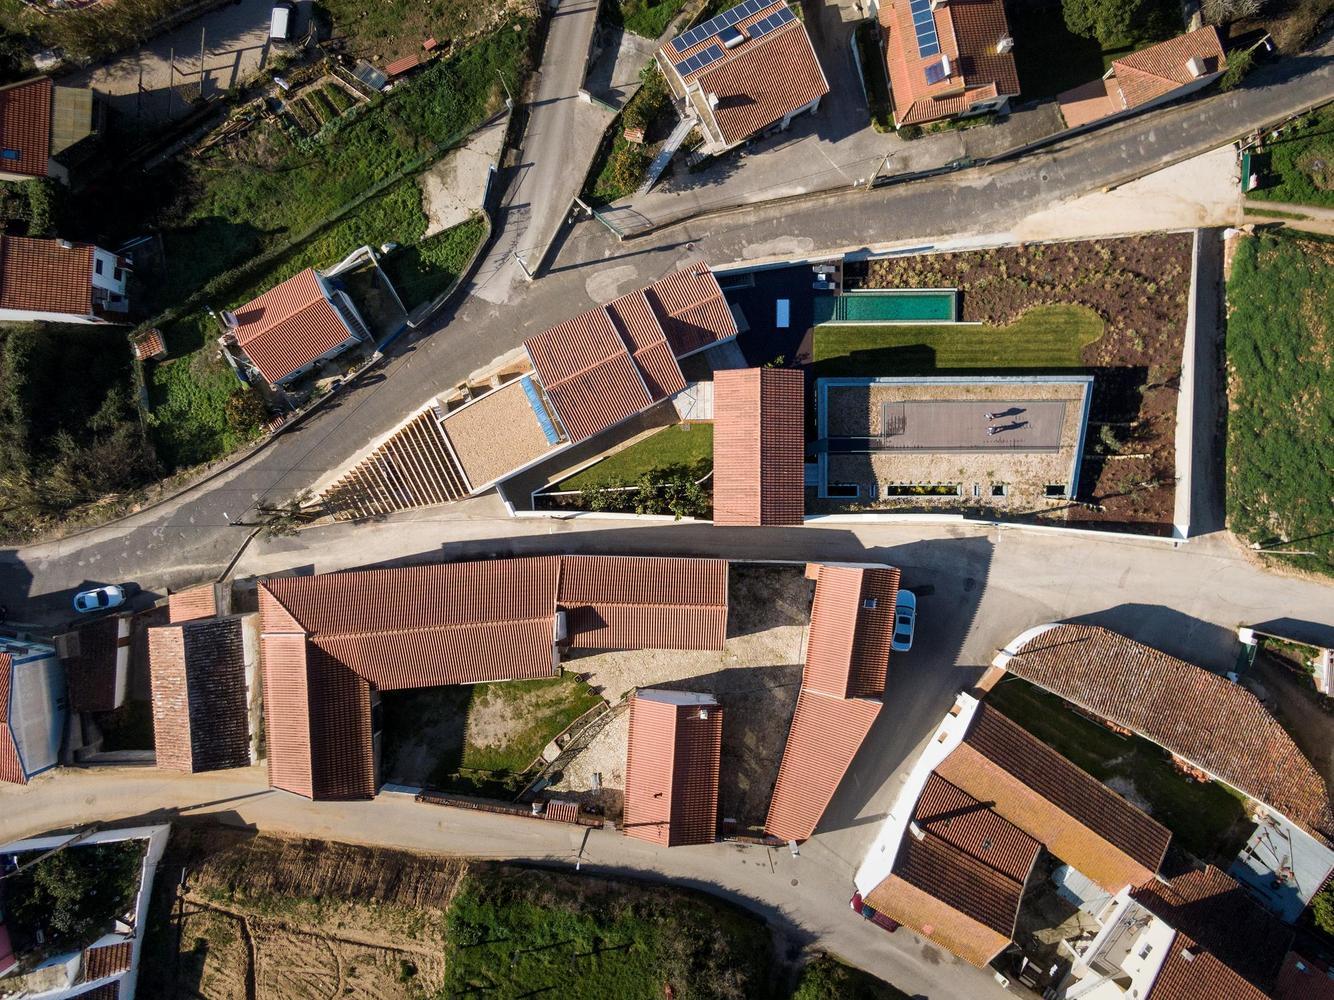 Vista aérea de la propiedad / Fernando Guerra | FG+SG